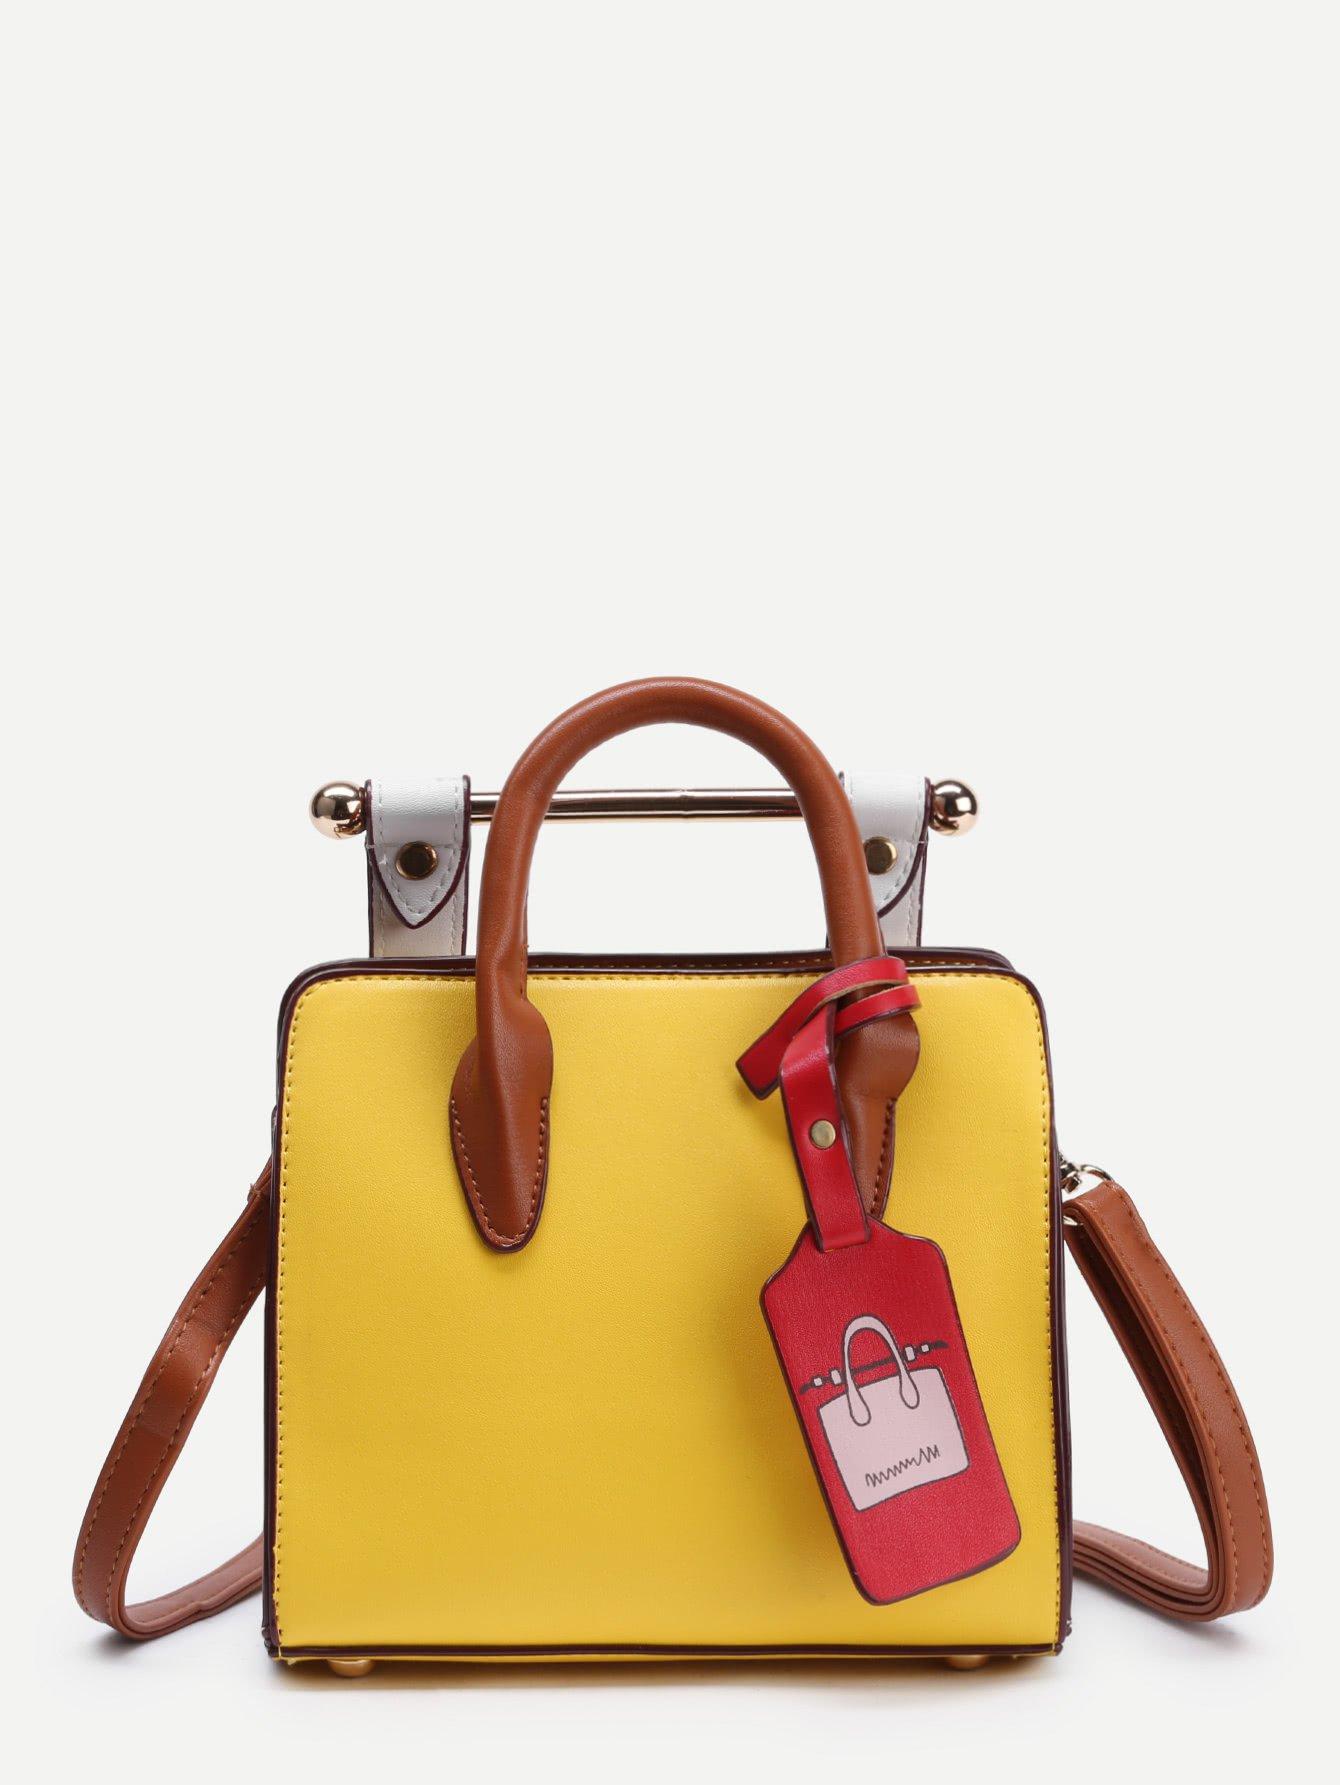 Structured Shoulder Bag With Handle